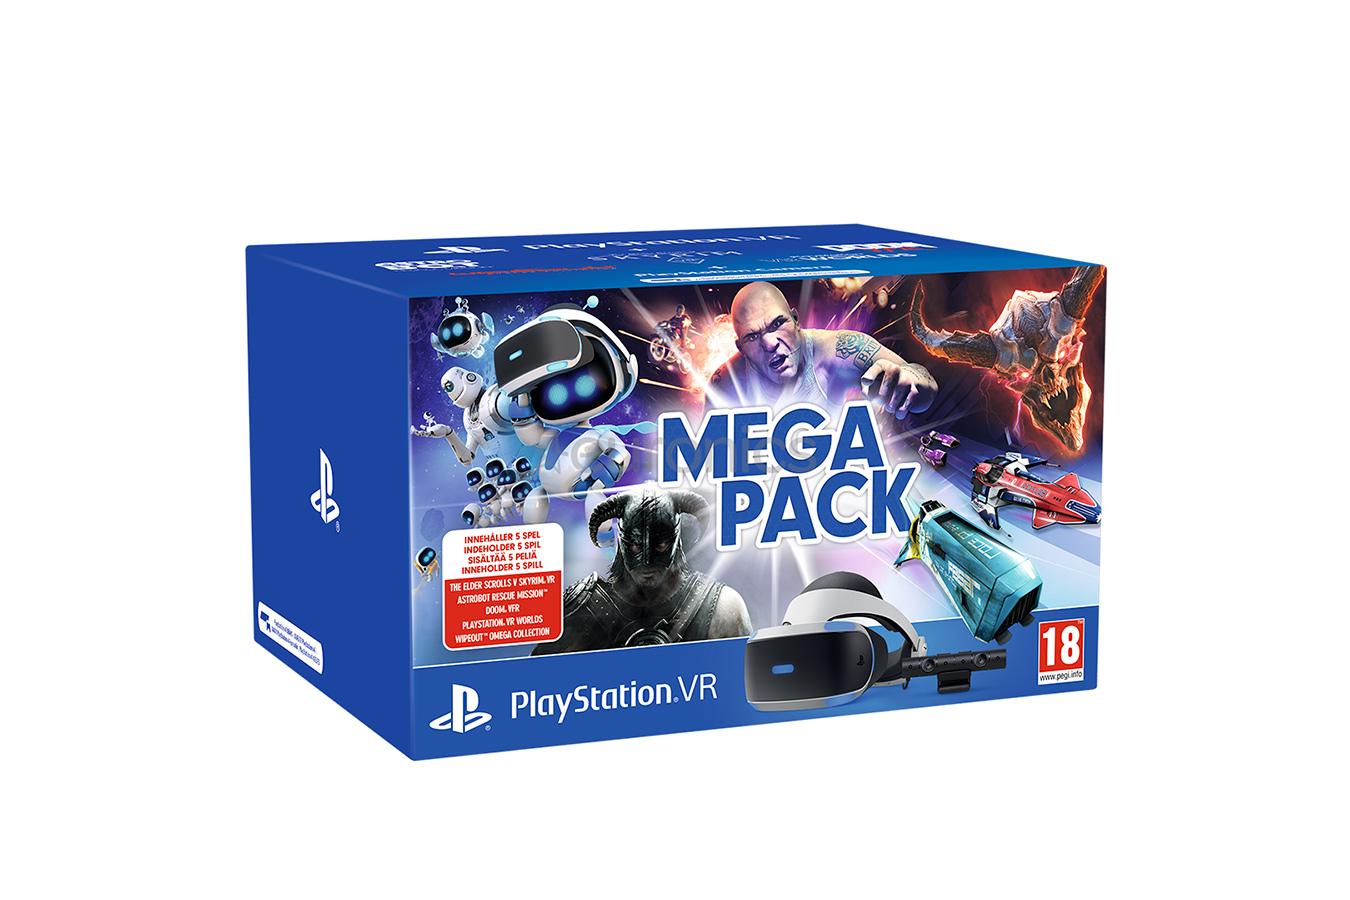 PlayStation VR Mega Pack V2 набор #1 [PSVRLP2]